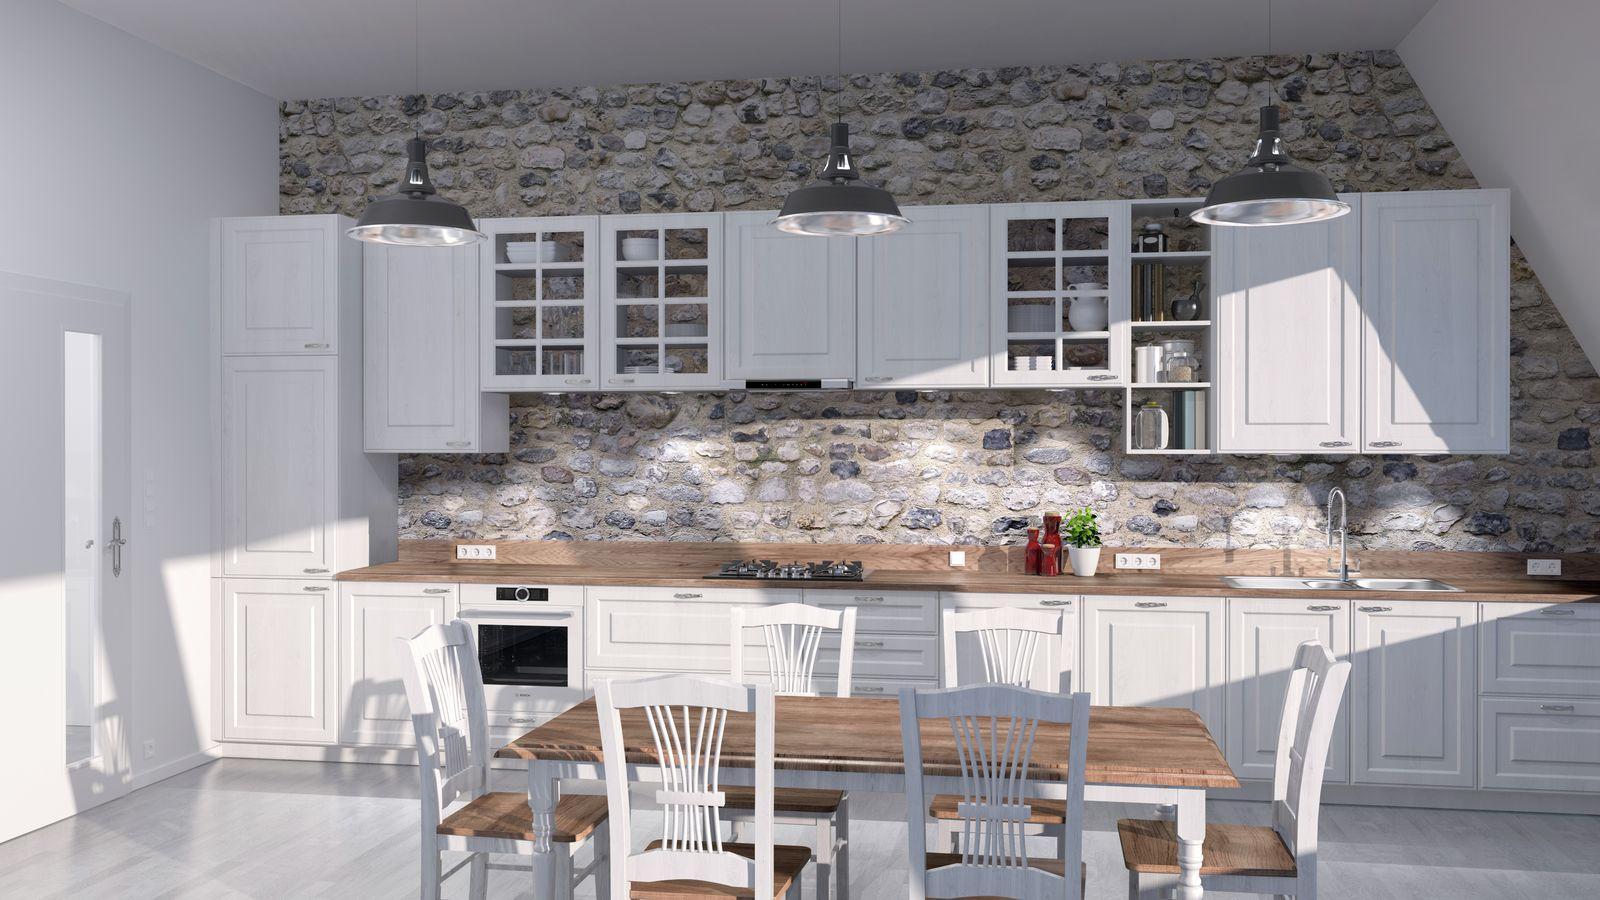 Farmhouse Keuken Landelijk : Mijn keukeninspiratie van bosch planning ideeën en innovatieve